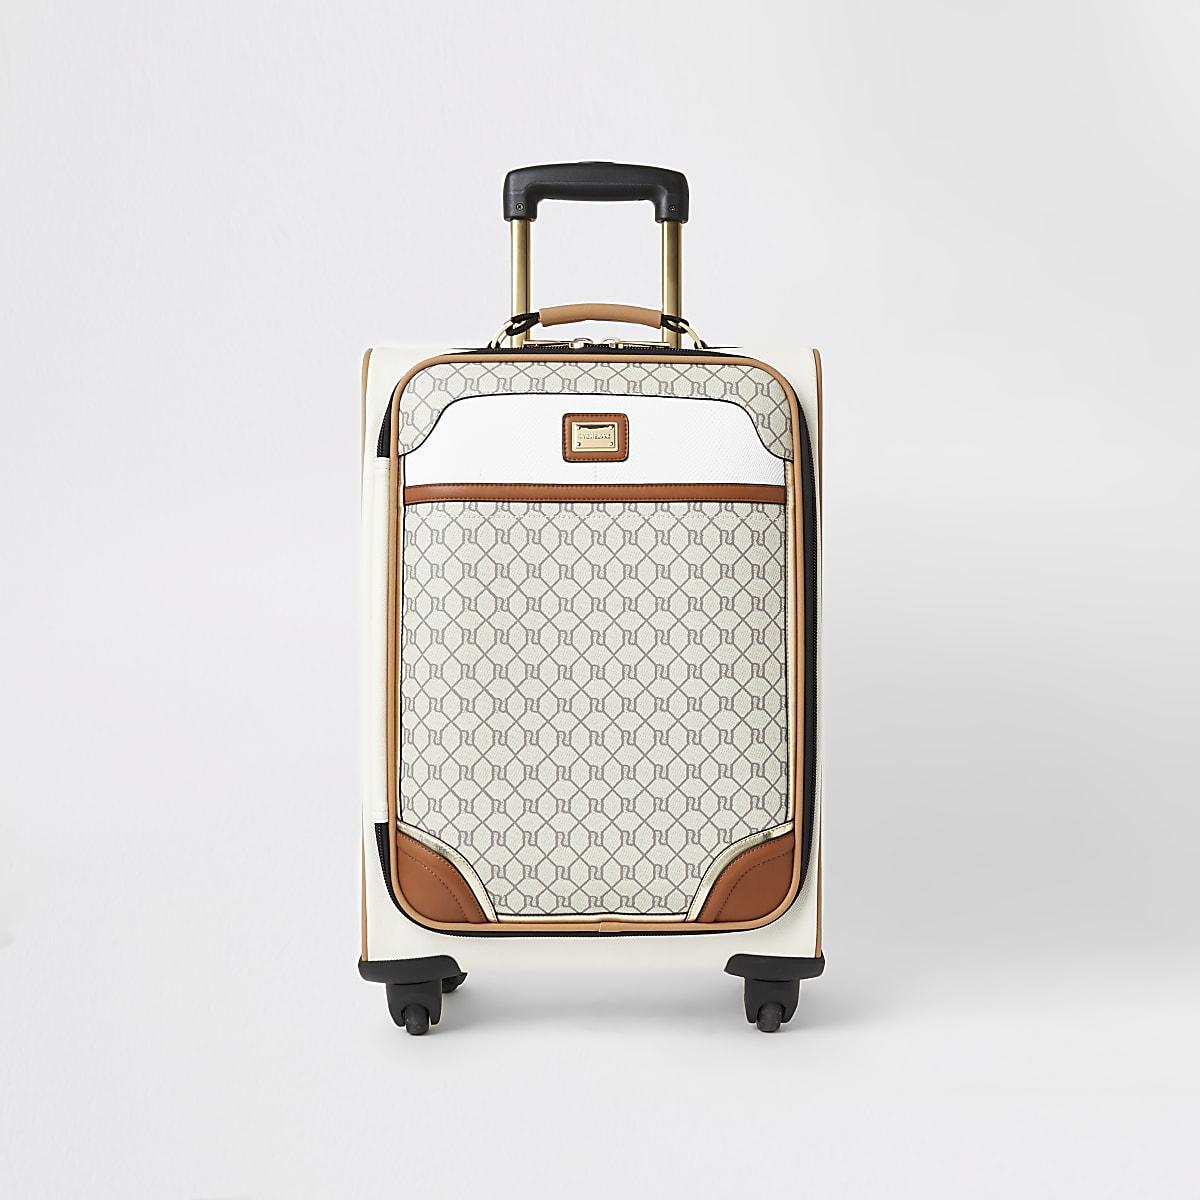 Grijze koffer met RI-monogram en rits voor